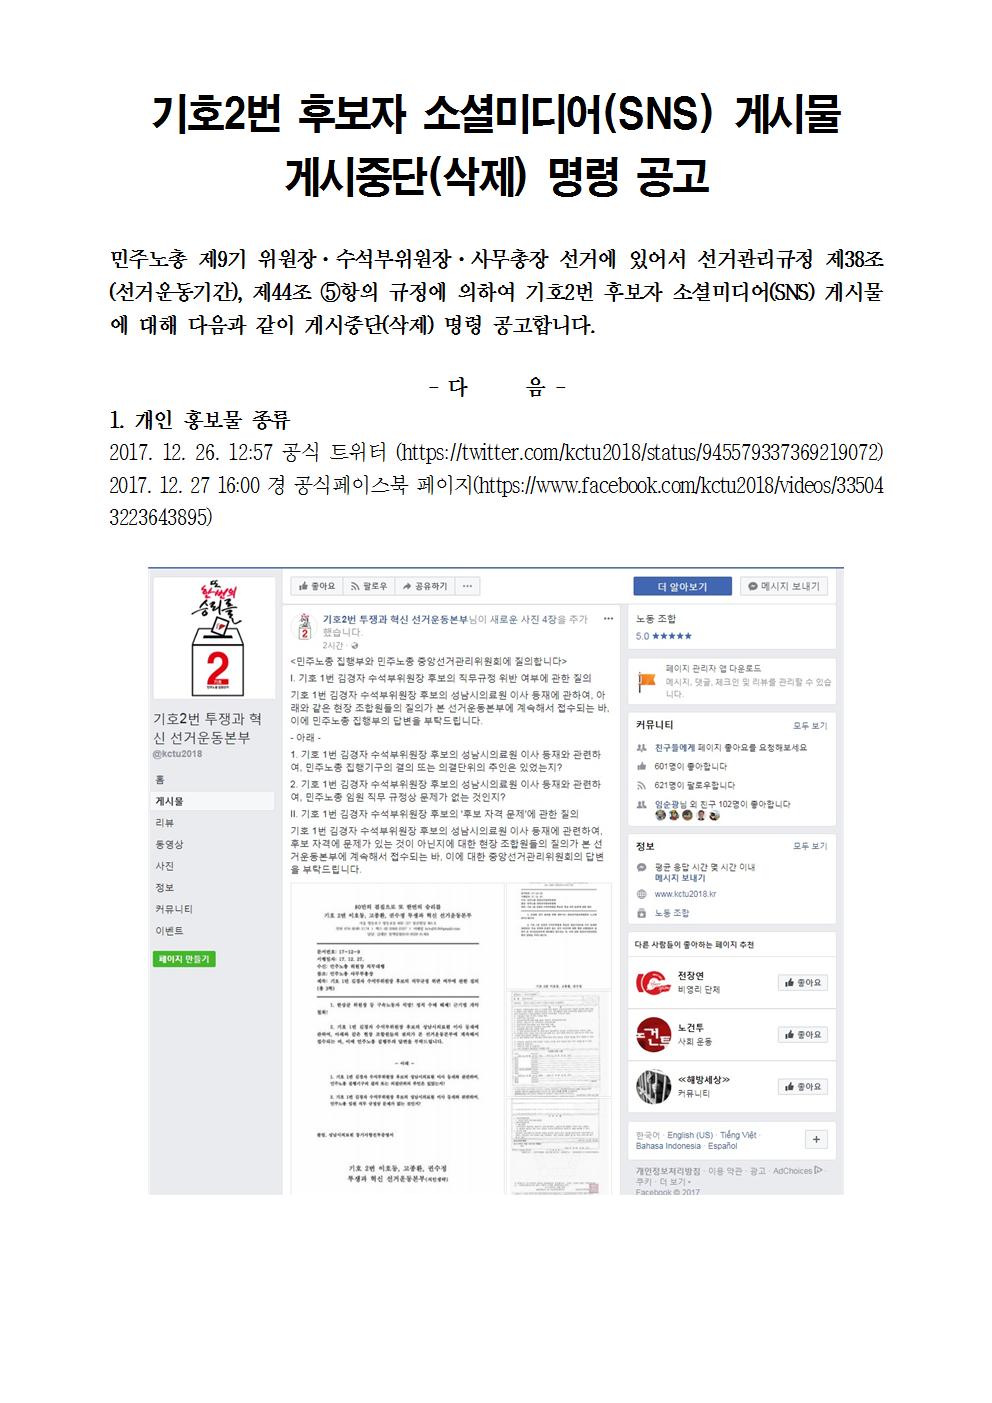 기호2번 후보자 소셜미디어(SNS) 게시물 게시중단(삭제) 명령 공고001.png